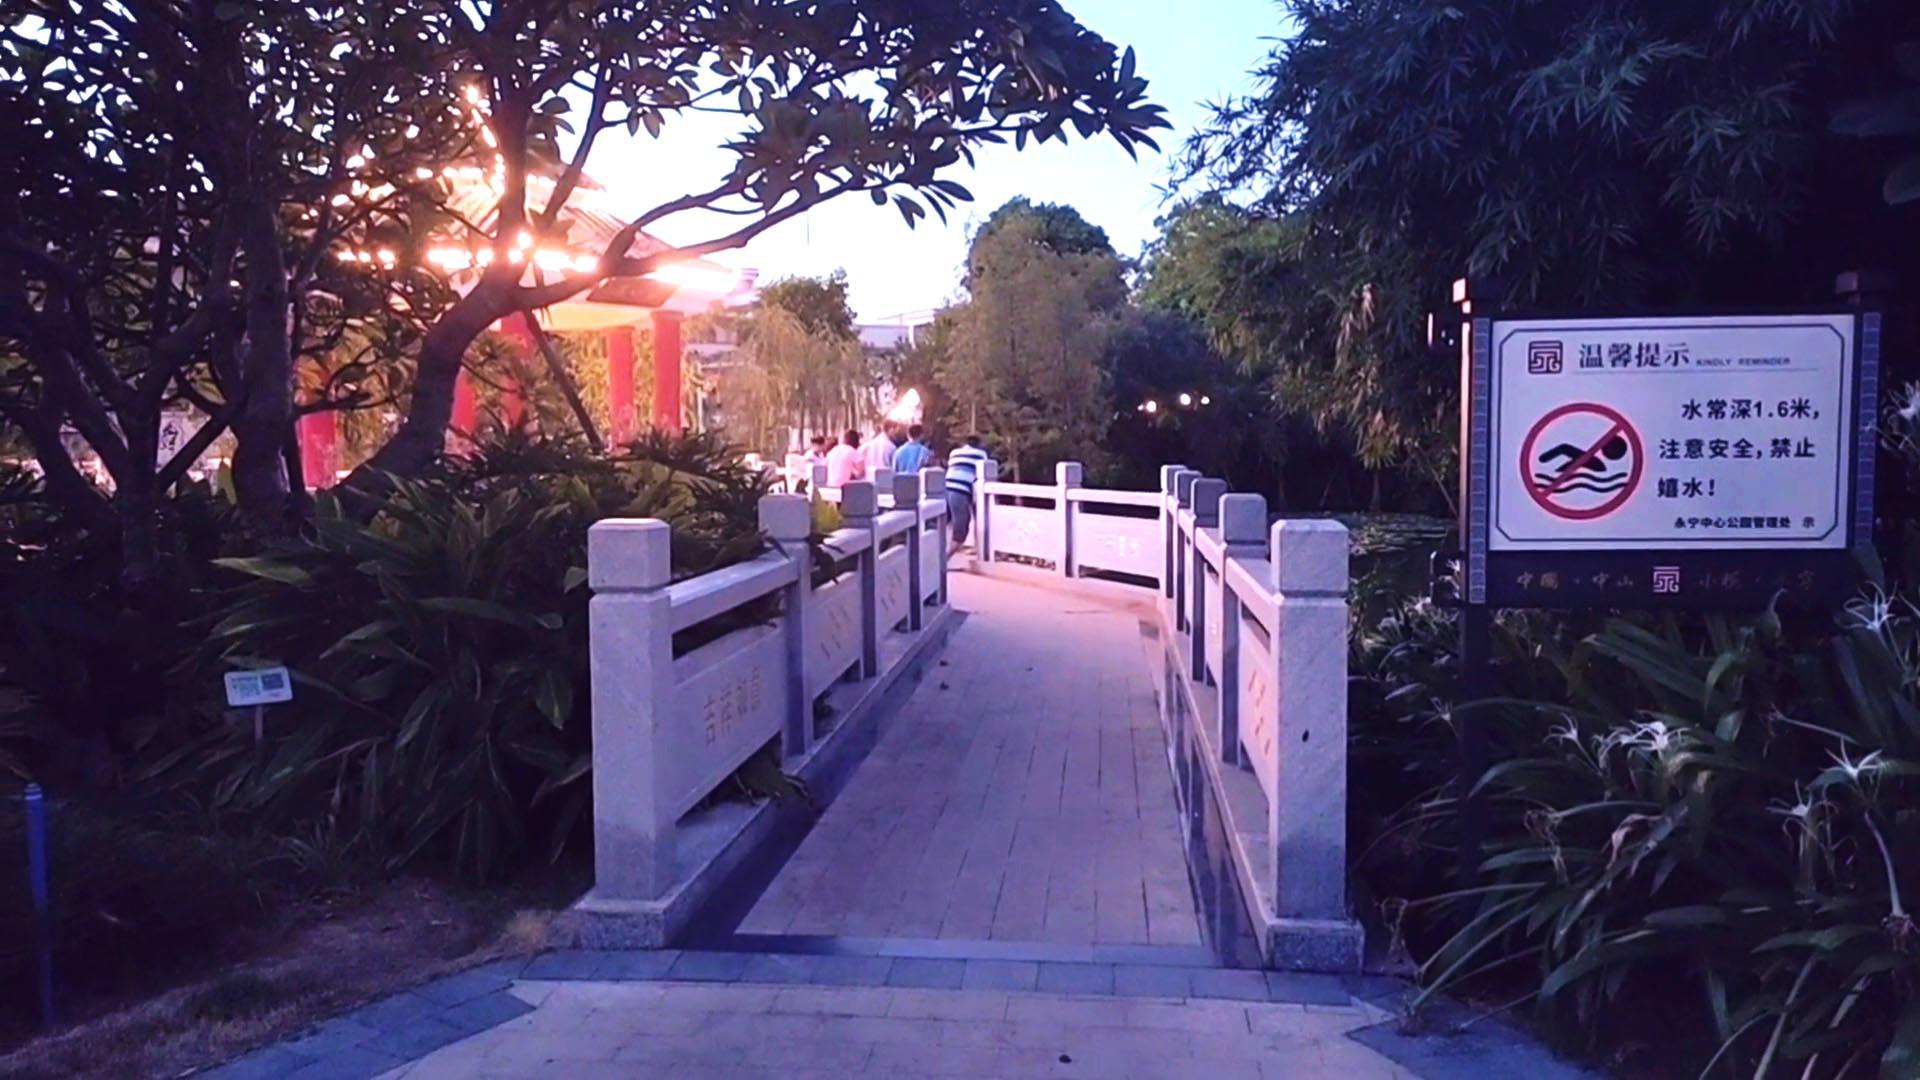 中山小榄永宁中心公园夕阳下特别让人陶醉